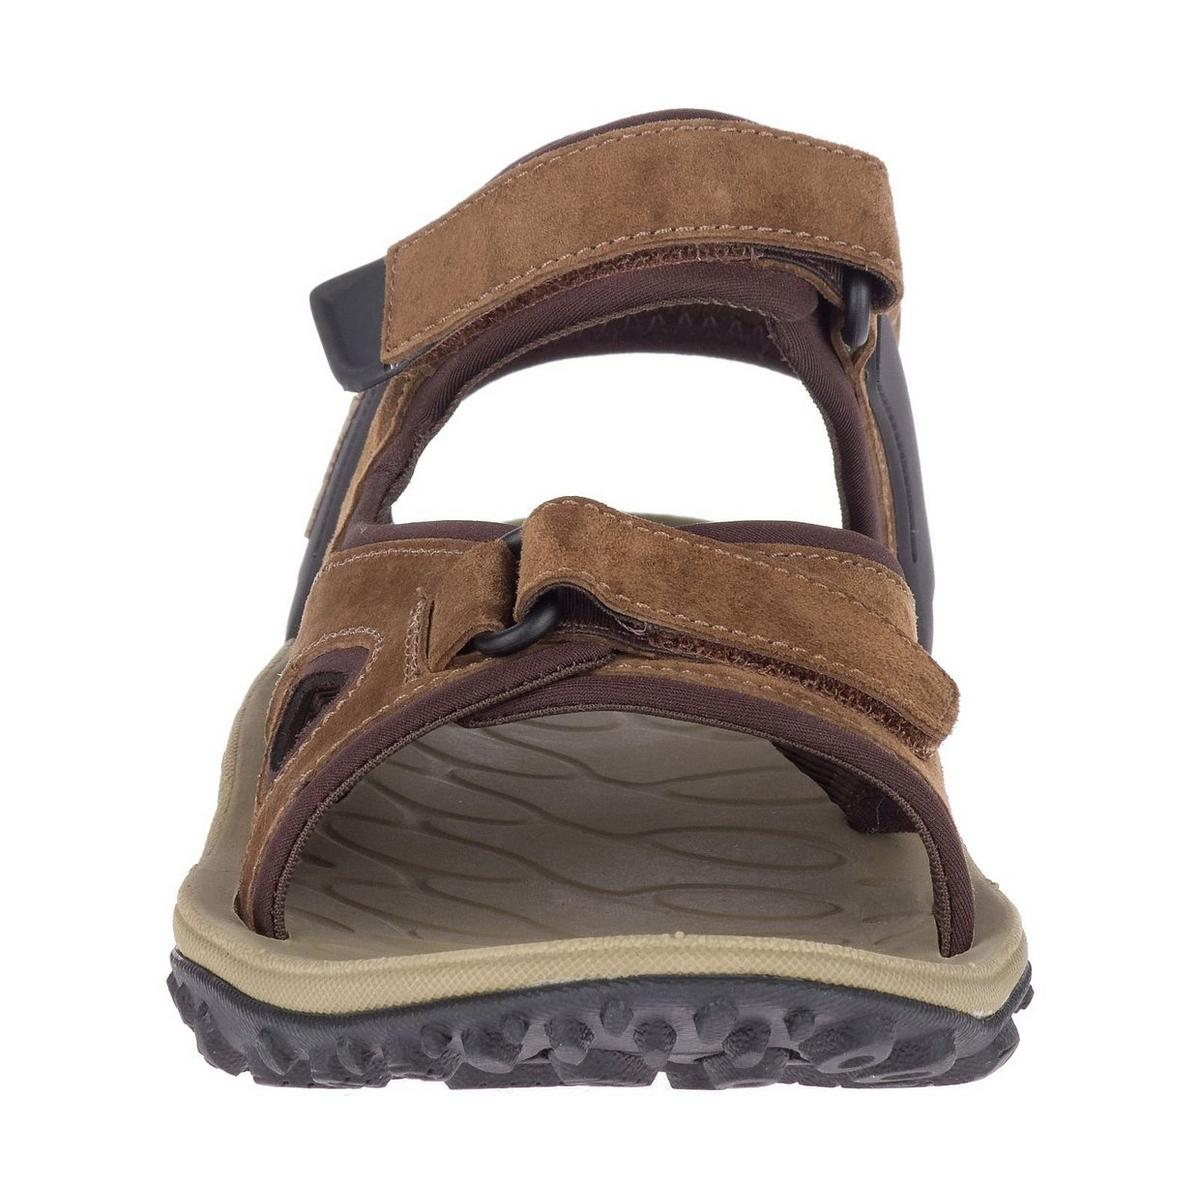 Merrell Men's Kahuna 4 Strap Sandal - Brown